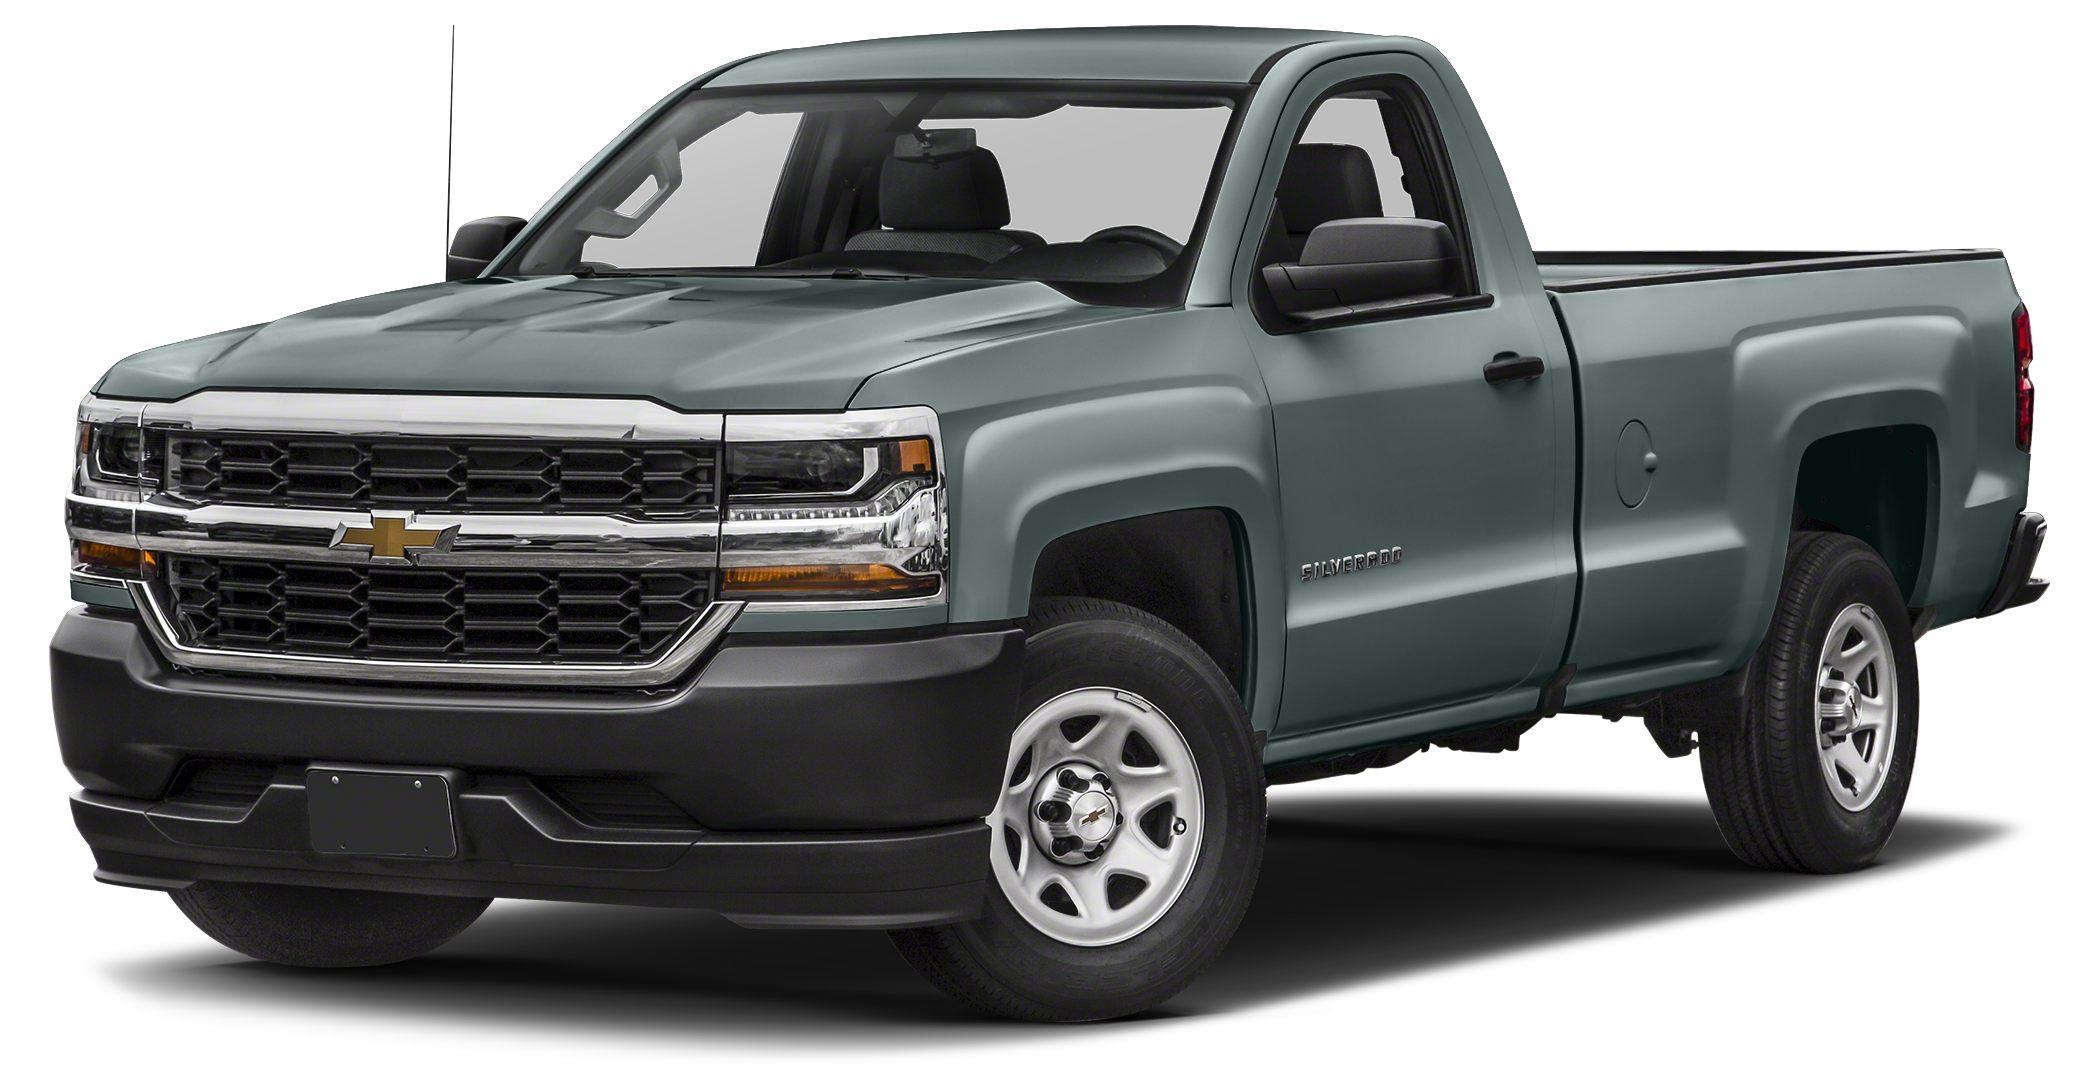 2016 Chevrolet Silverado 1500  Miles 0Color Slate Gray Metallic Stock 167188 VIN 1GCNCNEH6GZ